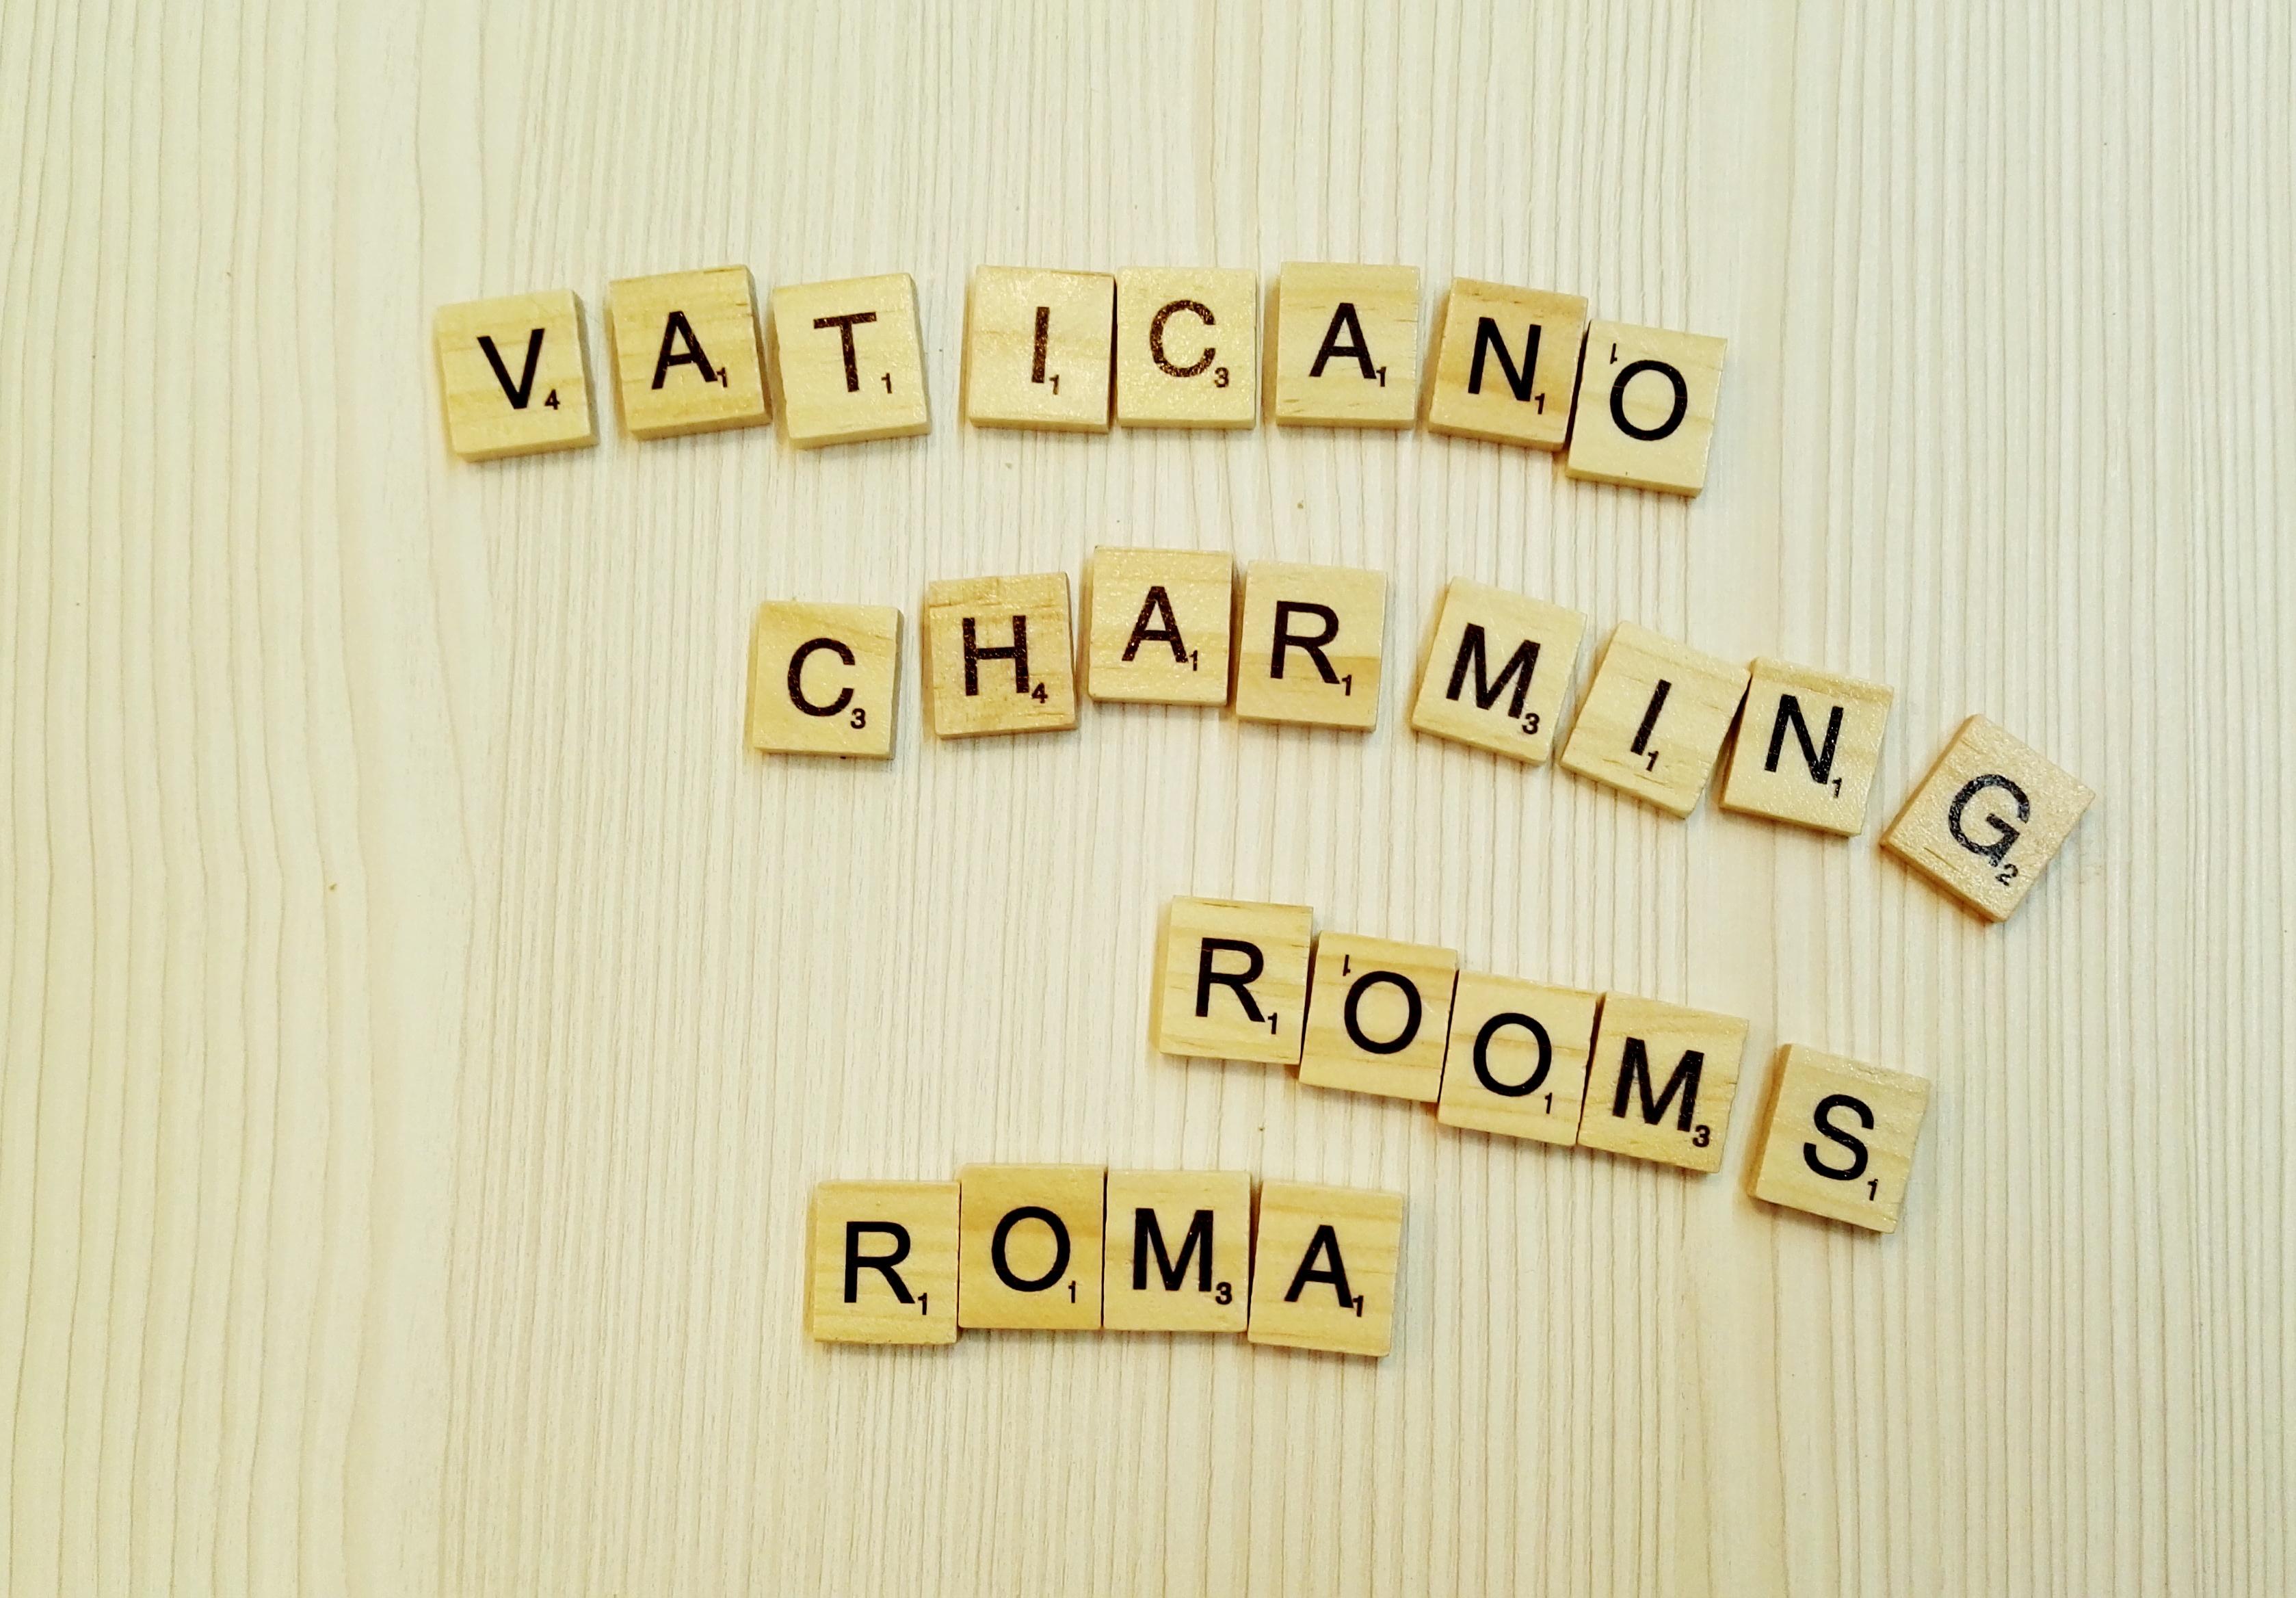 Vaticano Charming Rooms